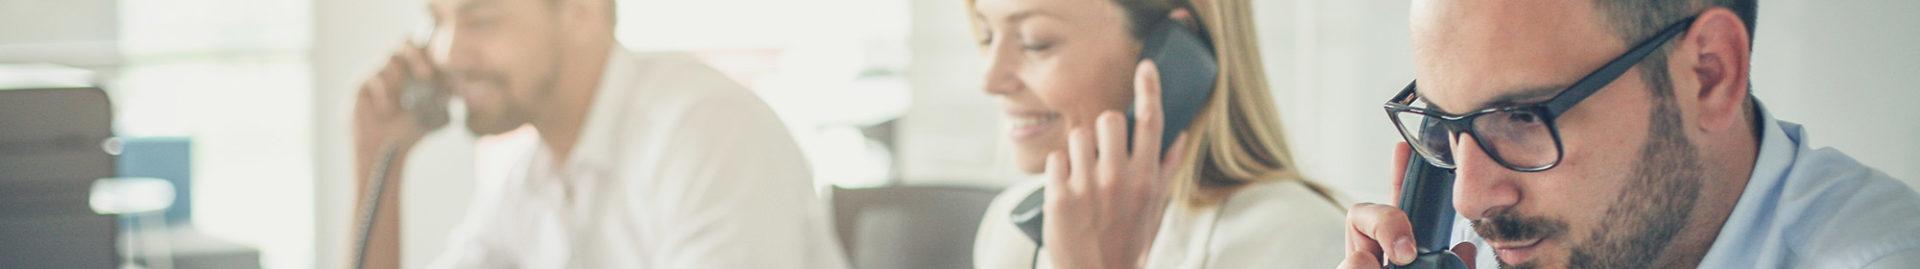 telephonie-equipements